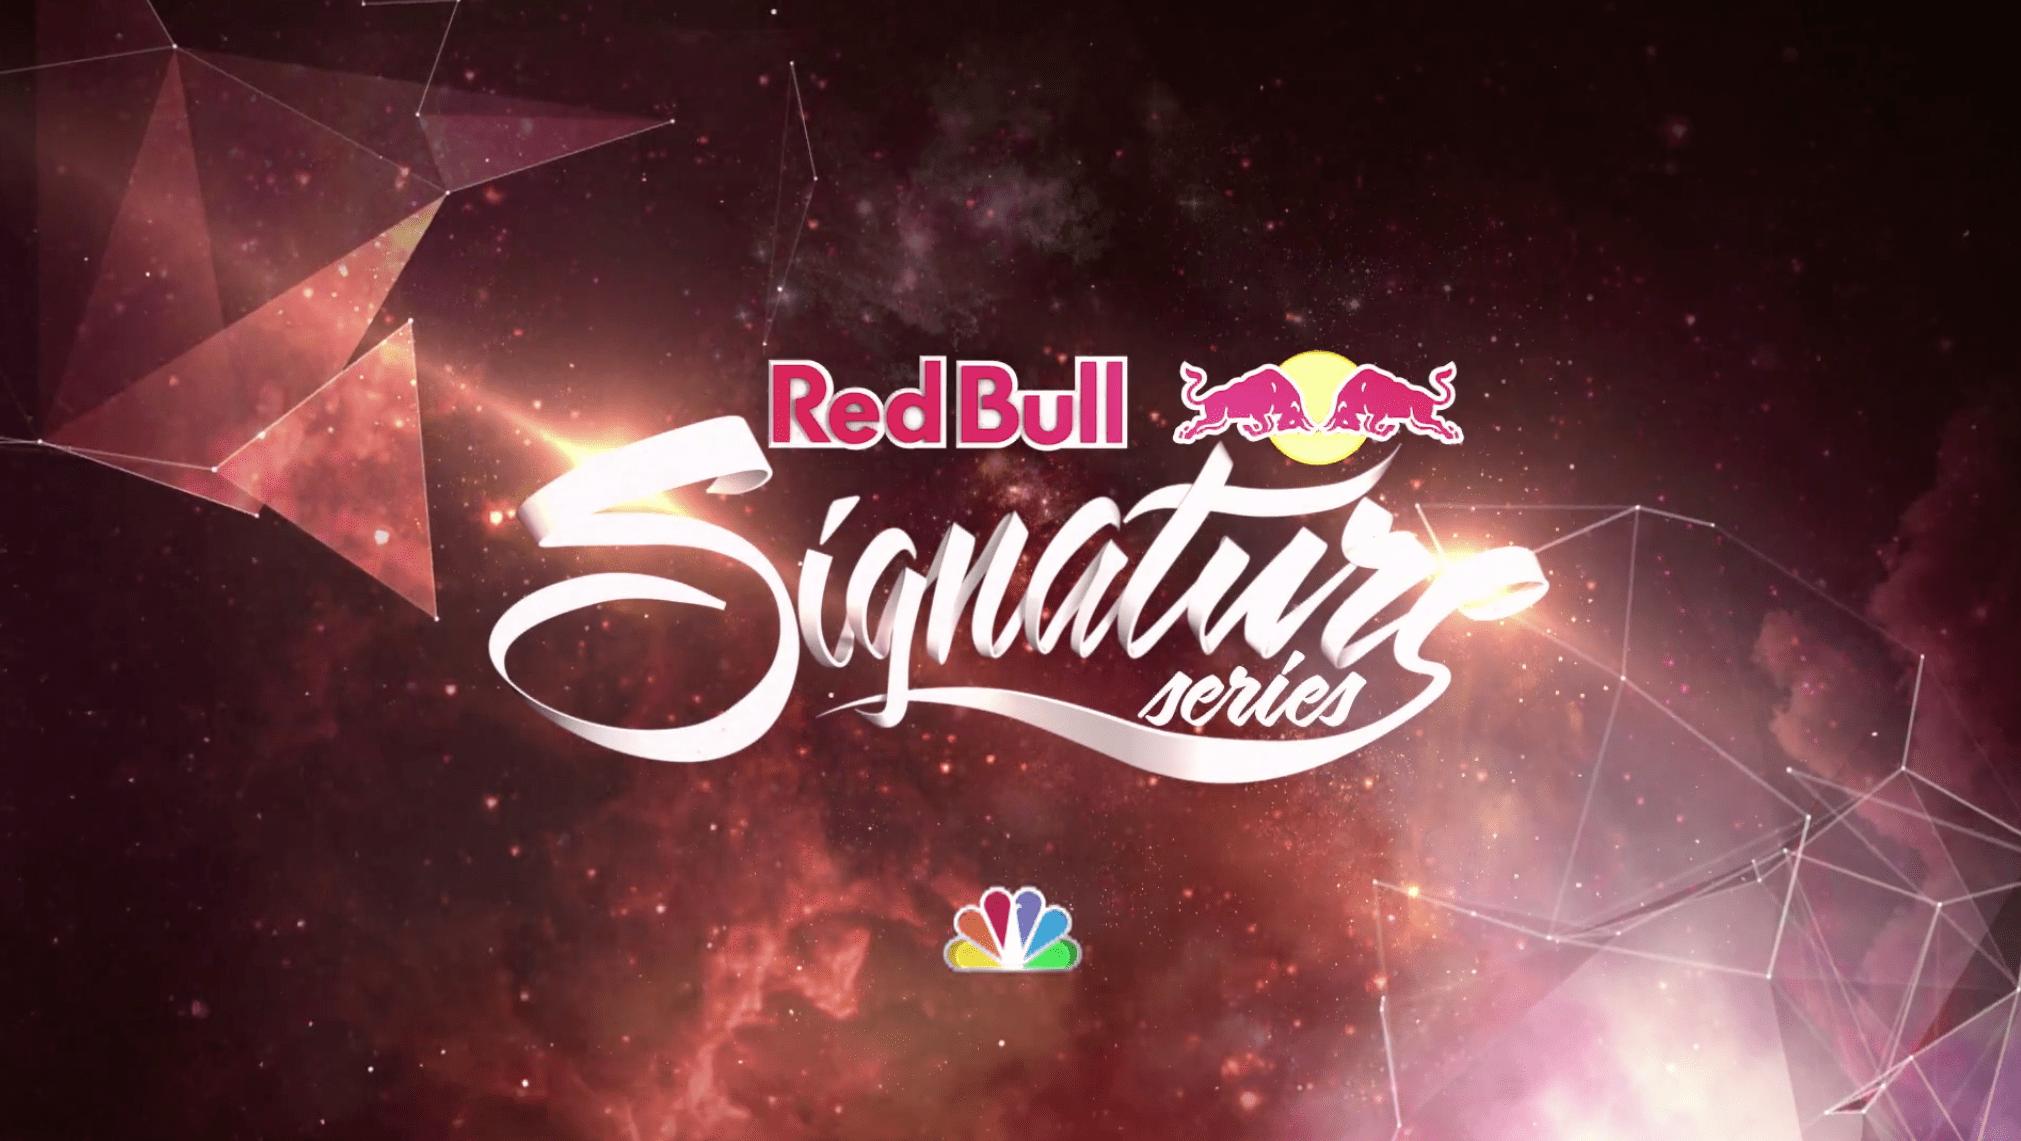 RedBull Signature Series